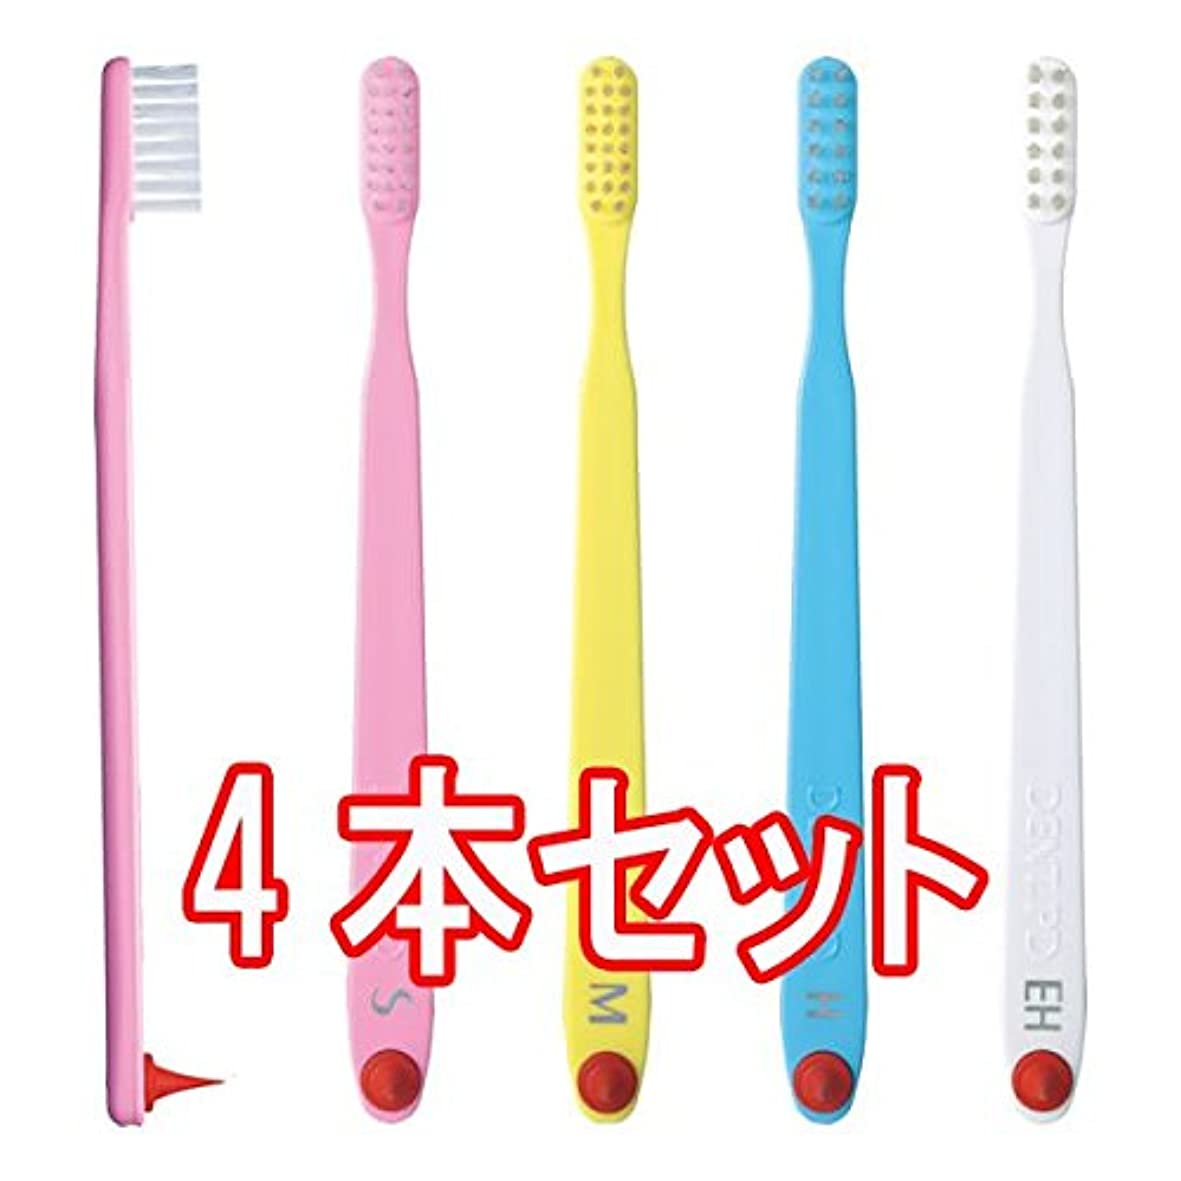 承認する静かな粗いライオン DENT.PD 歯ブラシ 4本入 (M)